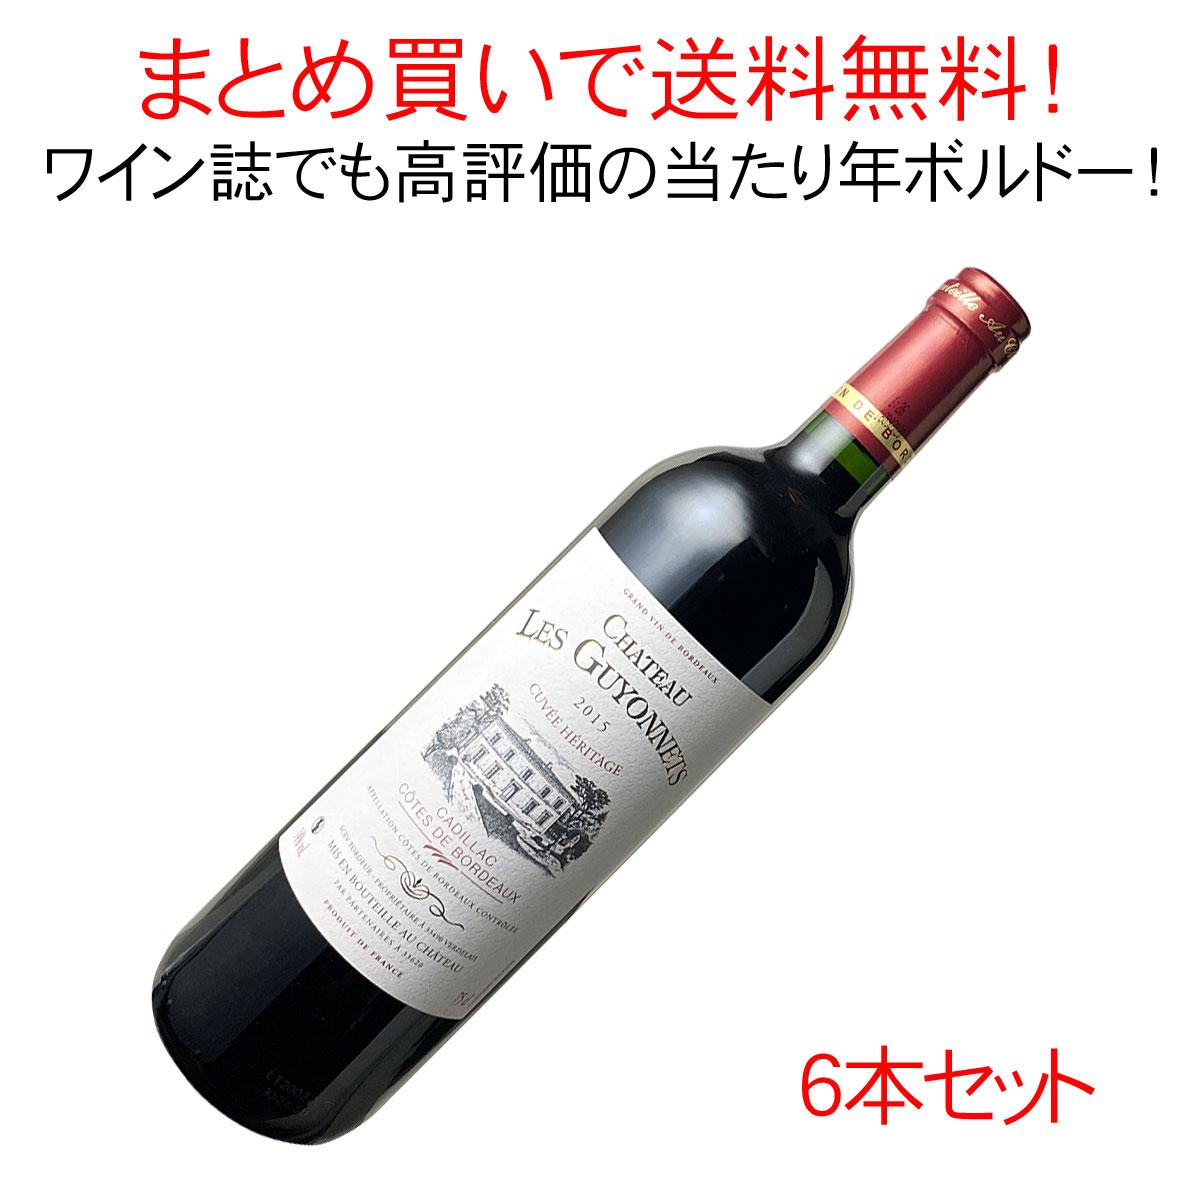 【送料無料】シャトー・レ・ギヨネ キュヴェ・エリタージュ [2015] 1ケース6本セット <ワイン/ボルドー>